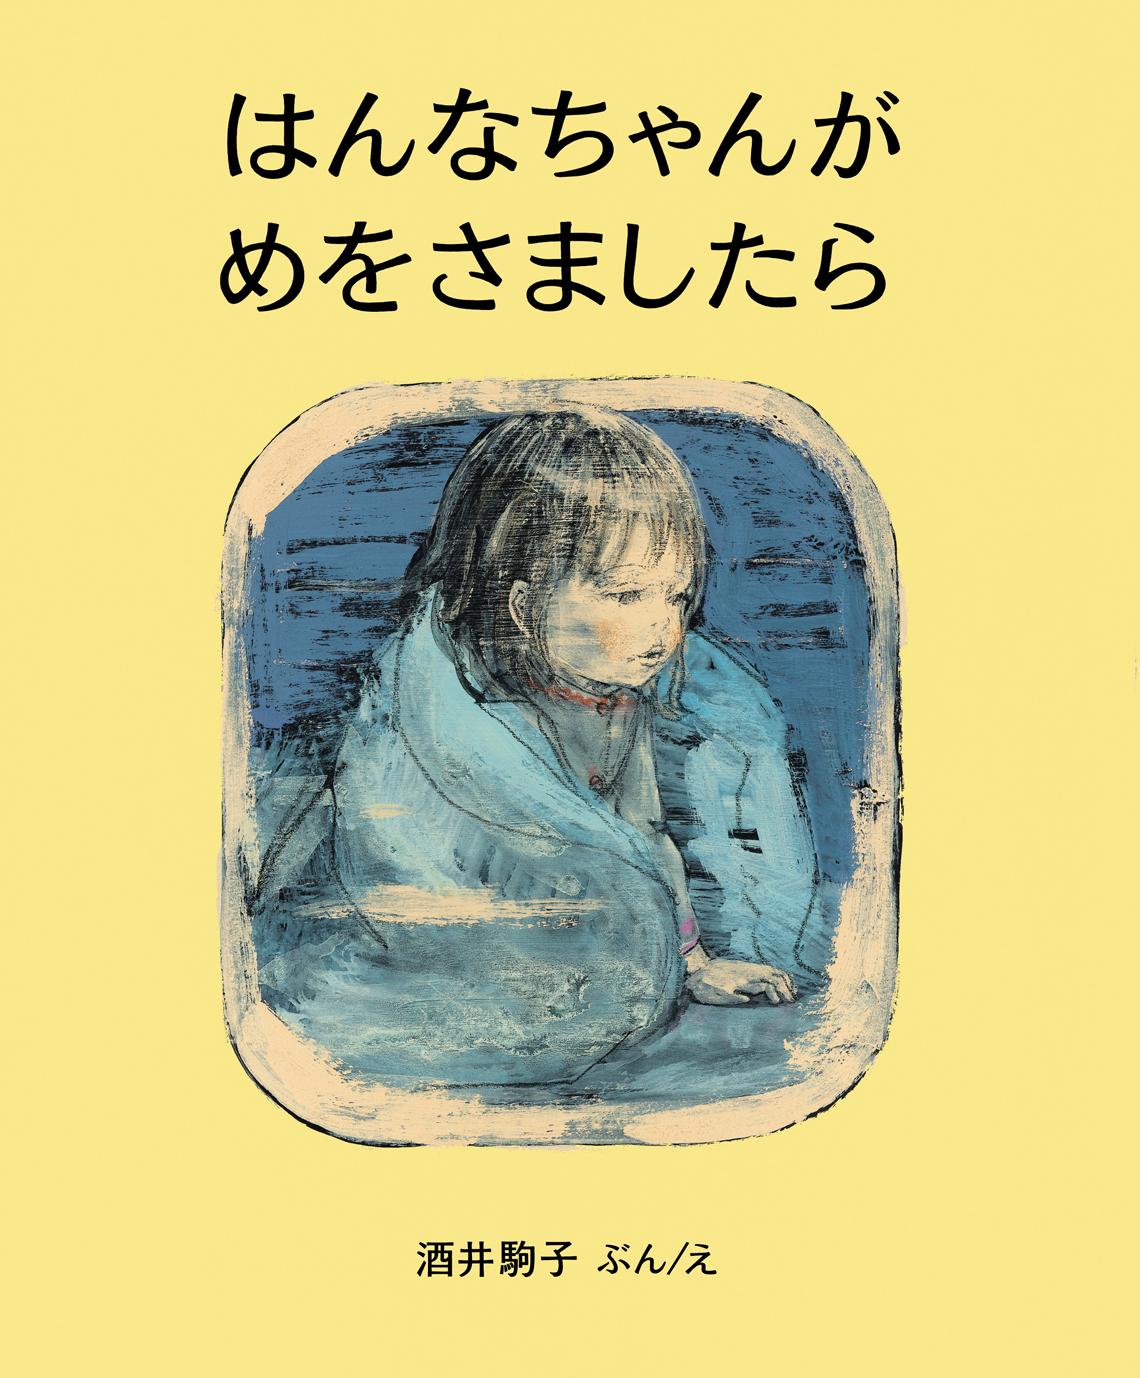 酒井駒子『はんなちゃんがめをさましたら』絵本原画展